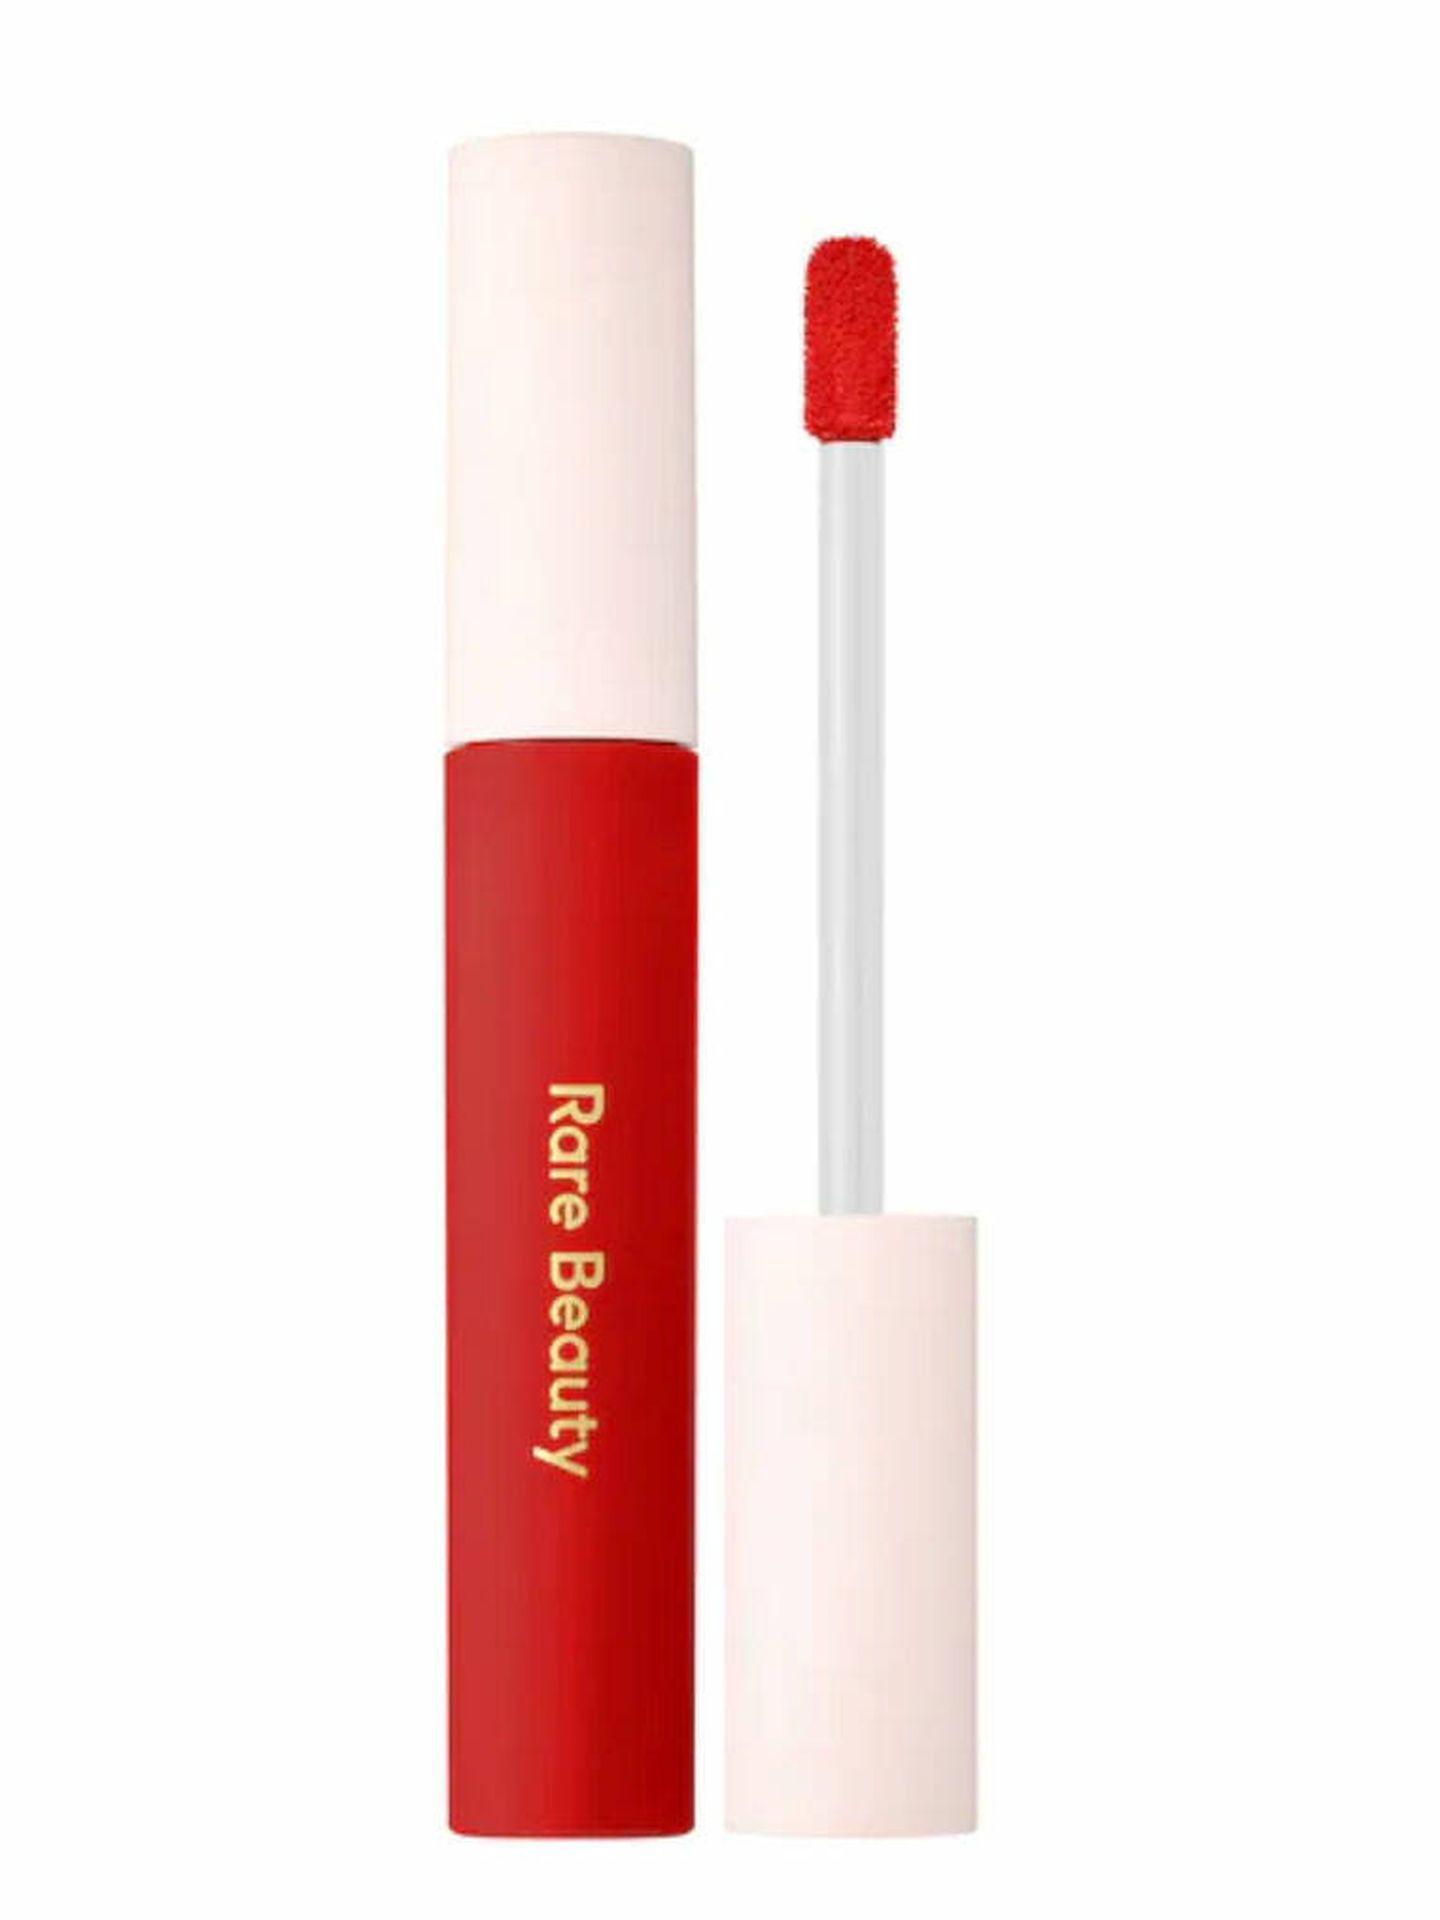 Los 10 pintalabios rojos más vendidos de Sephora